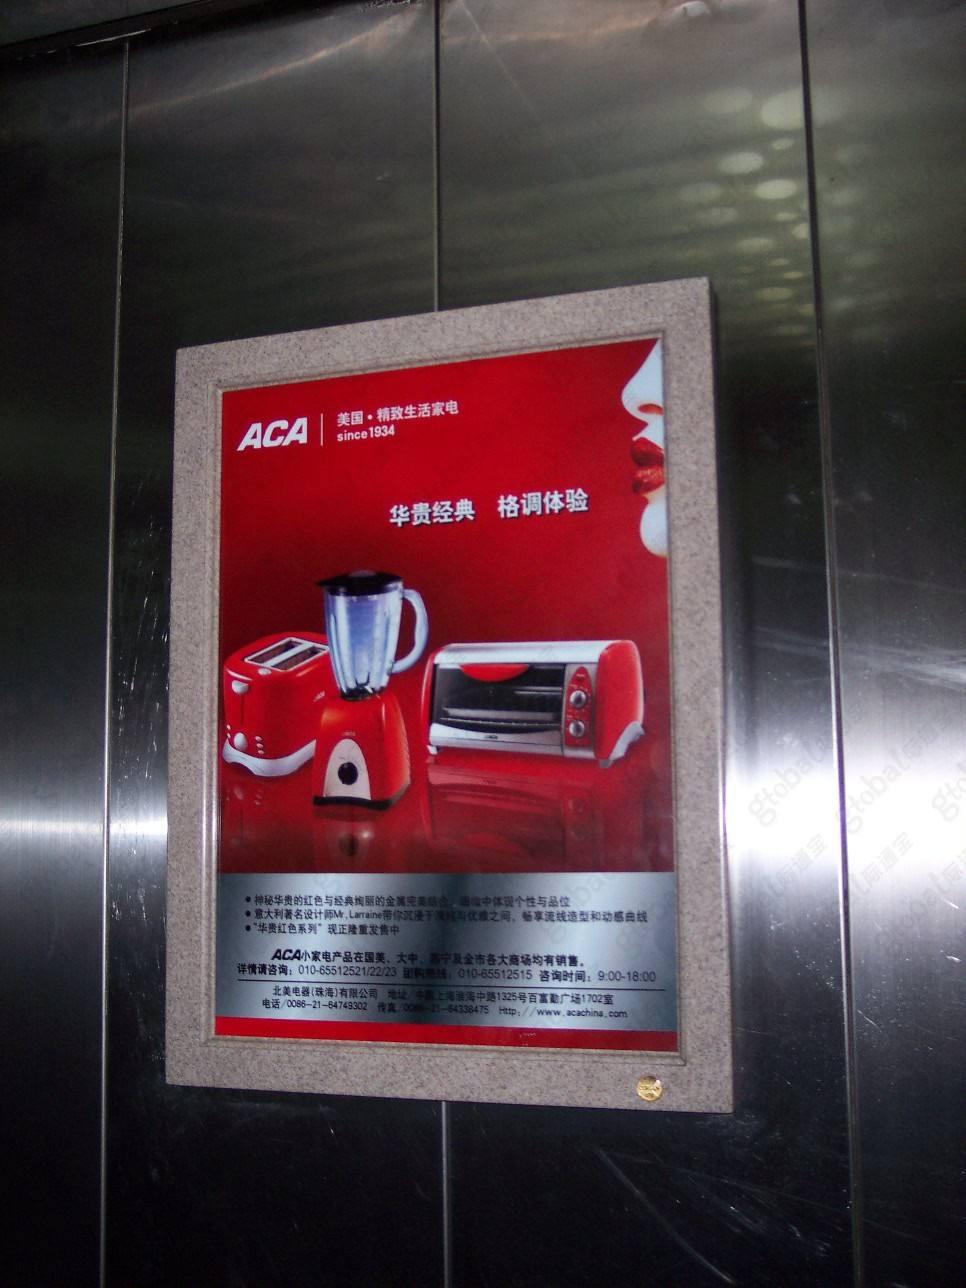 鄂尔多斯高端写字楼电梯广告-分众资源低至2折